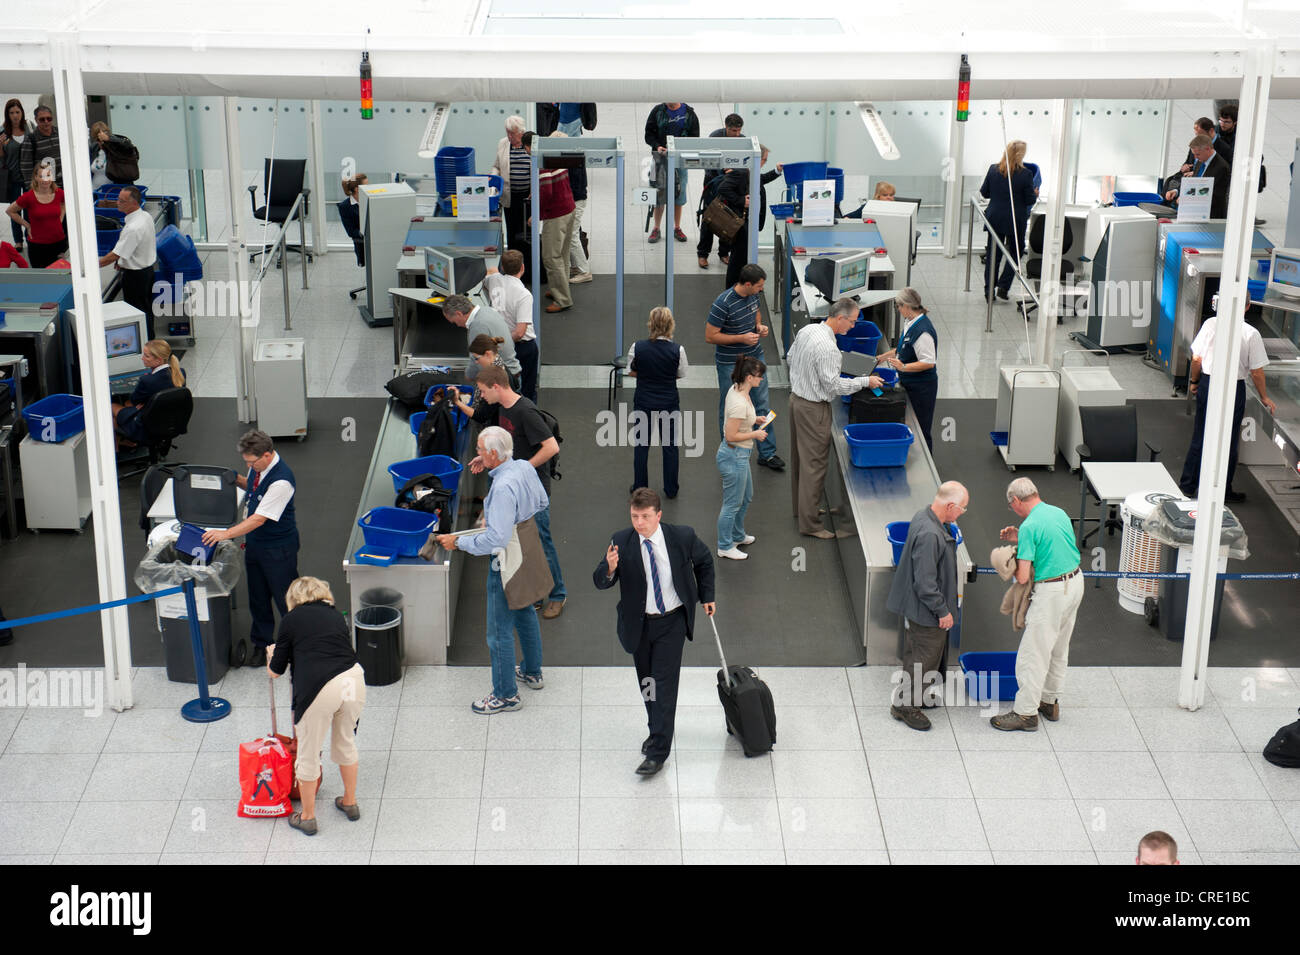 Le contrôle de sécurité, le contrôle des passagers, les appareils à rayons x, le trafic Photo Stock